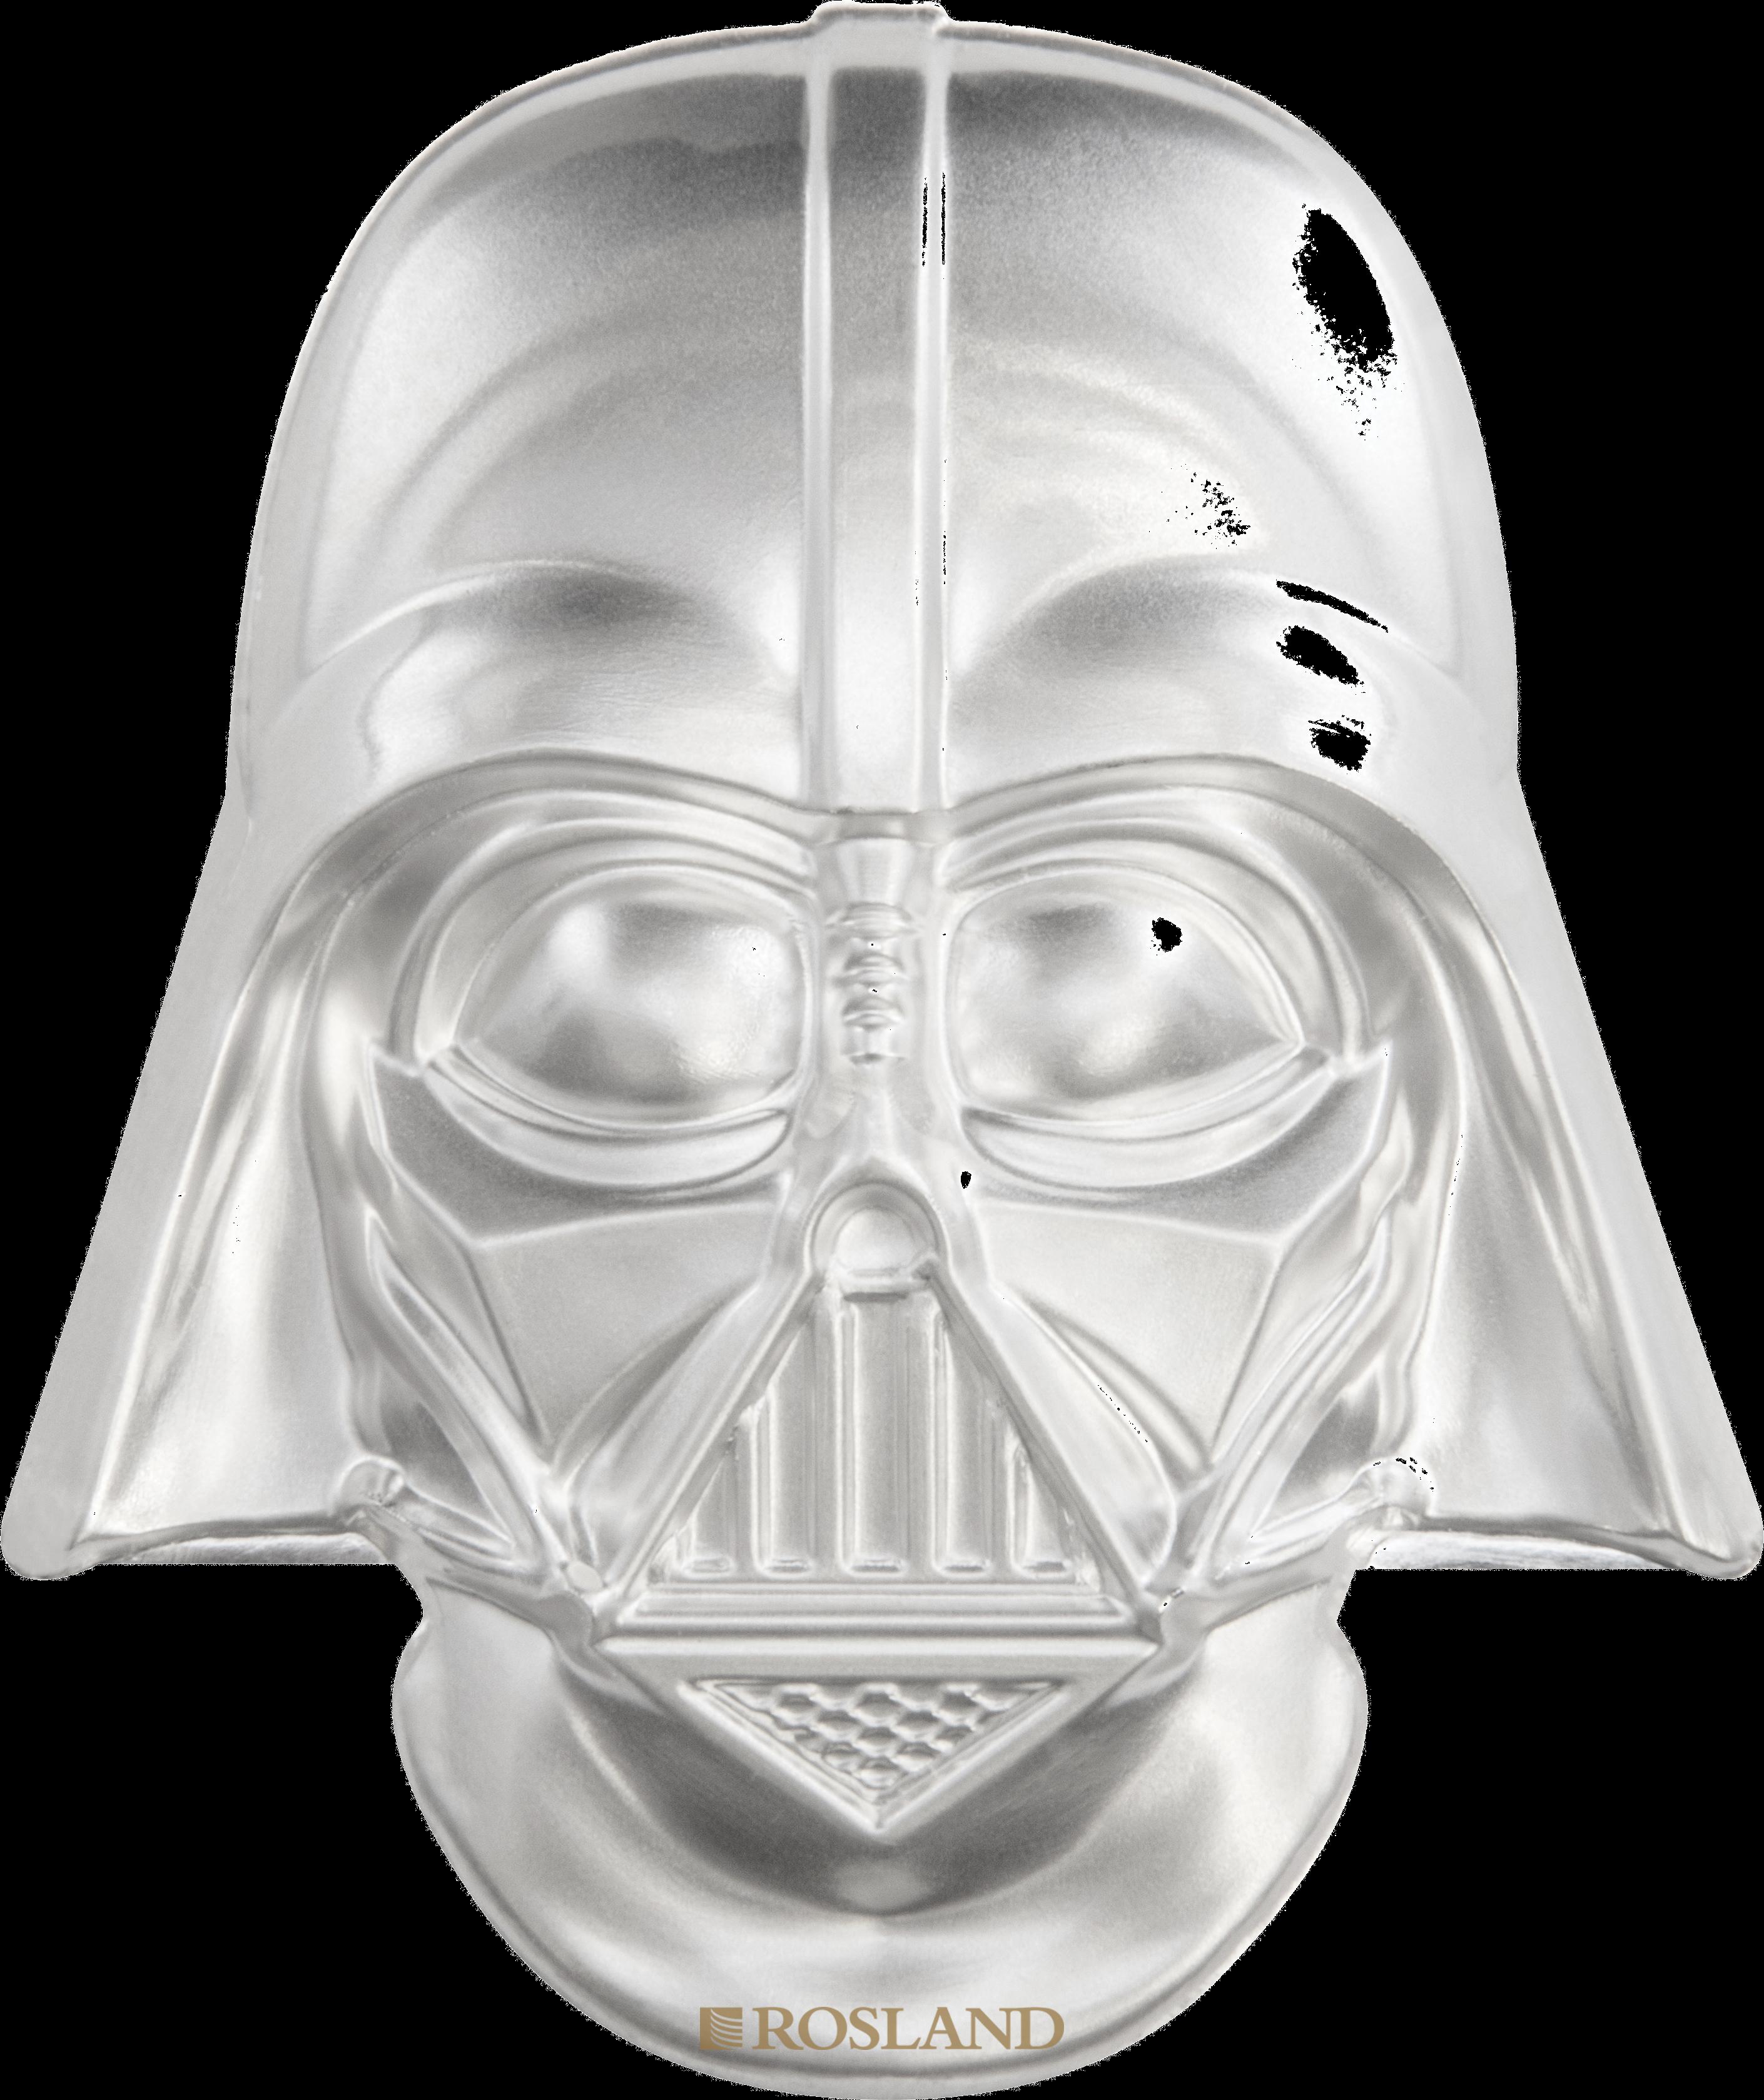 2 Unzen Silbermünze Star Wars™ Darth Vader Helm 2019 PP (UHR, Box, Zertifikat)